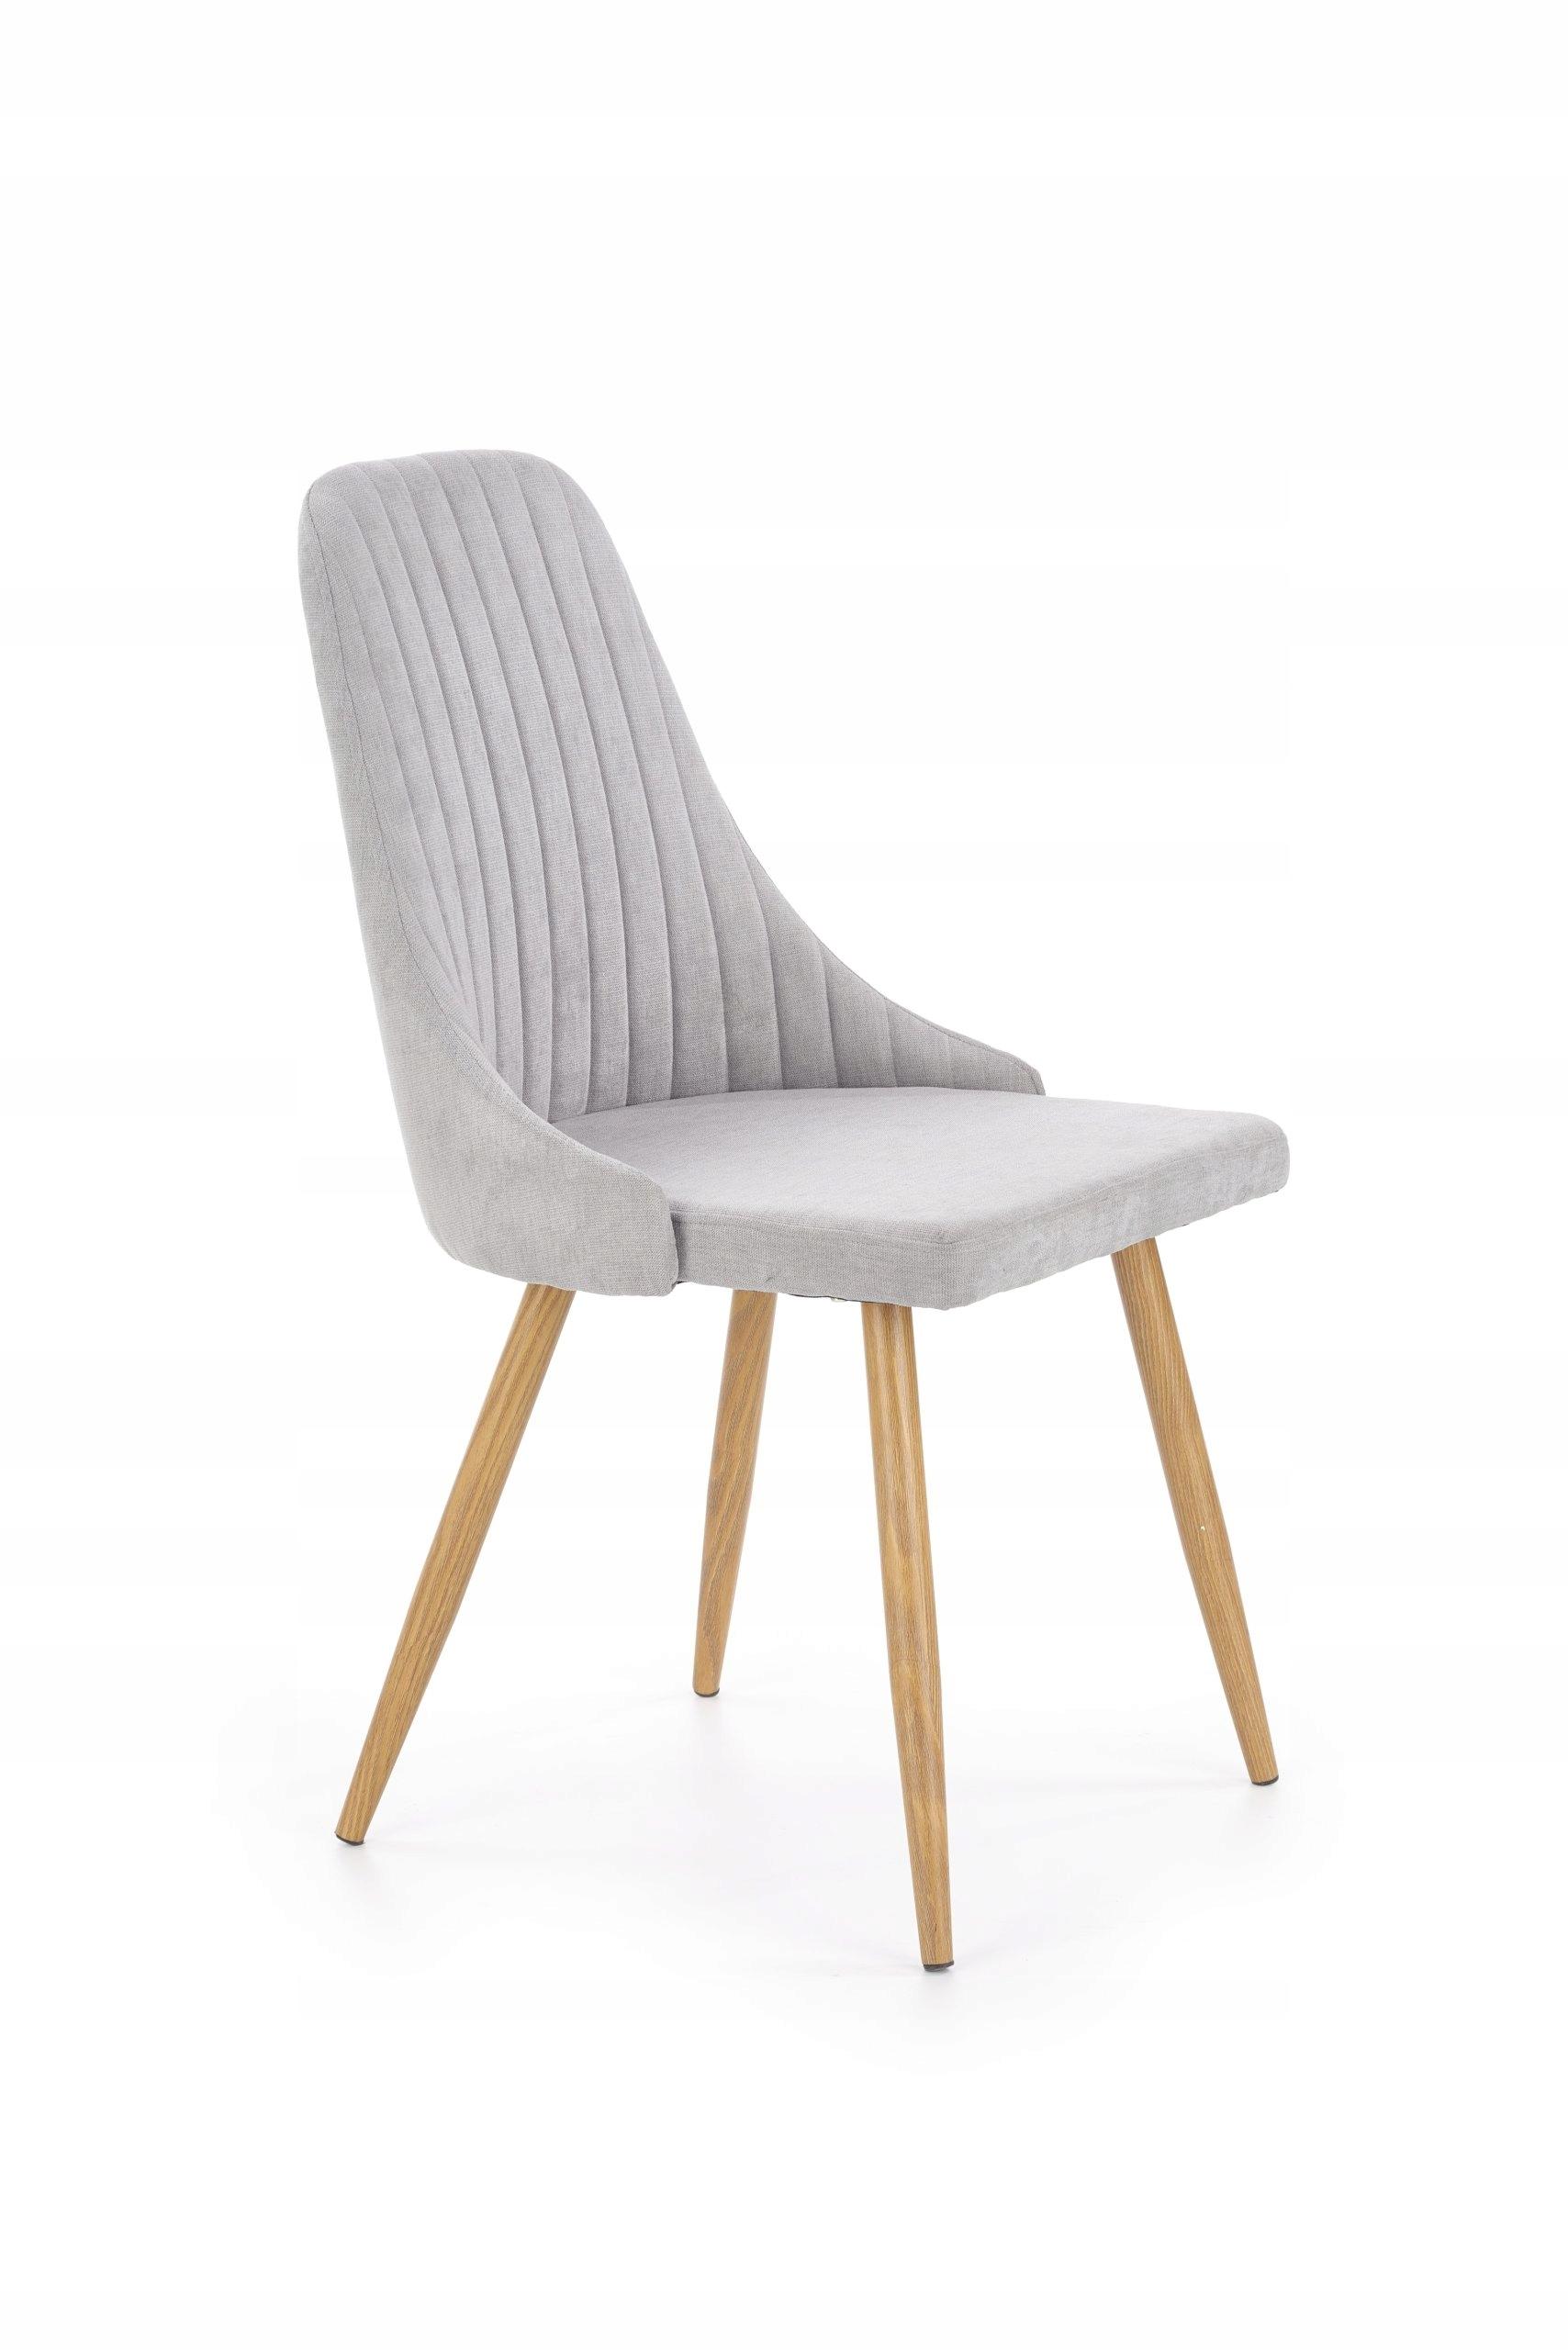 Tanie Krzesło Do Salonu Gabinetu K285 Szare Beż